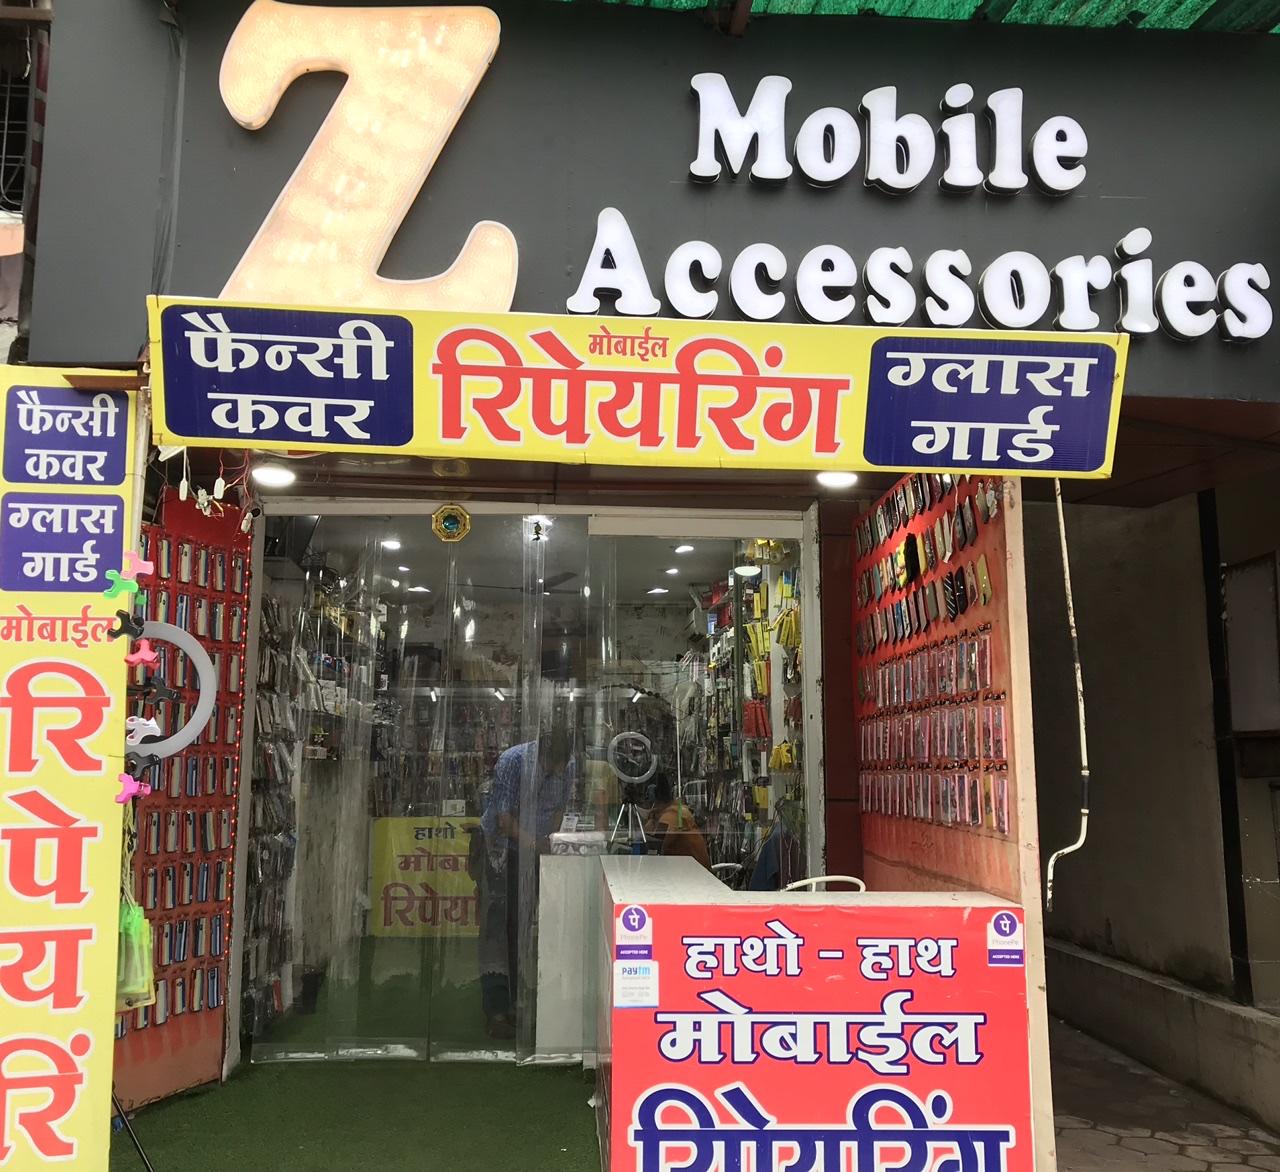 Z mobile accessories